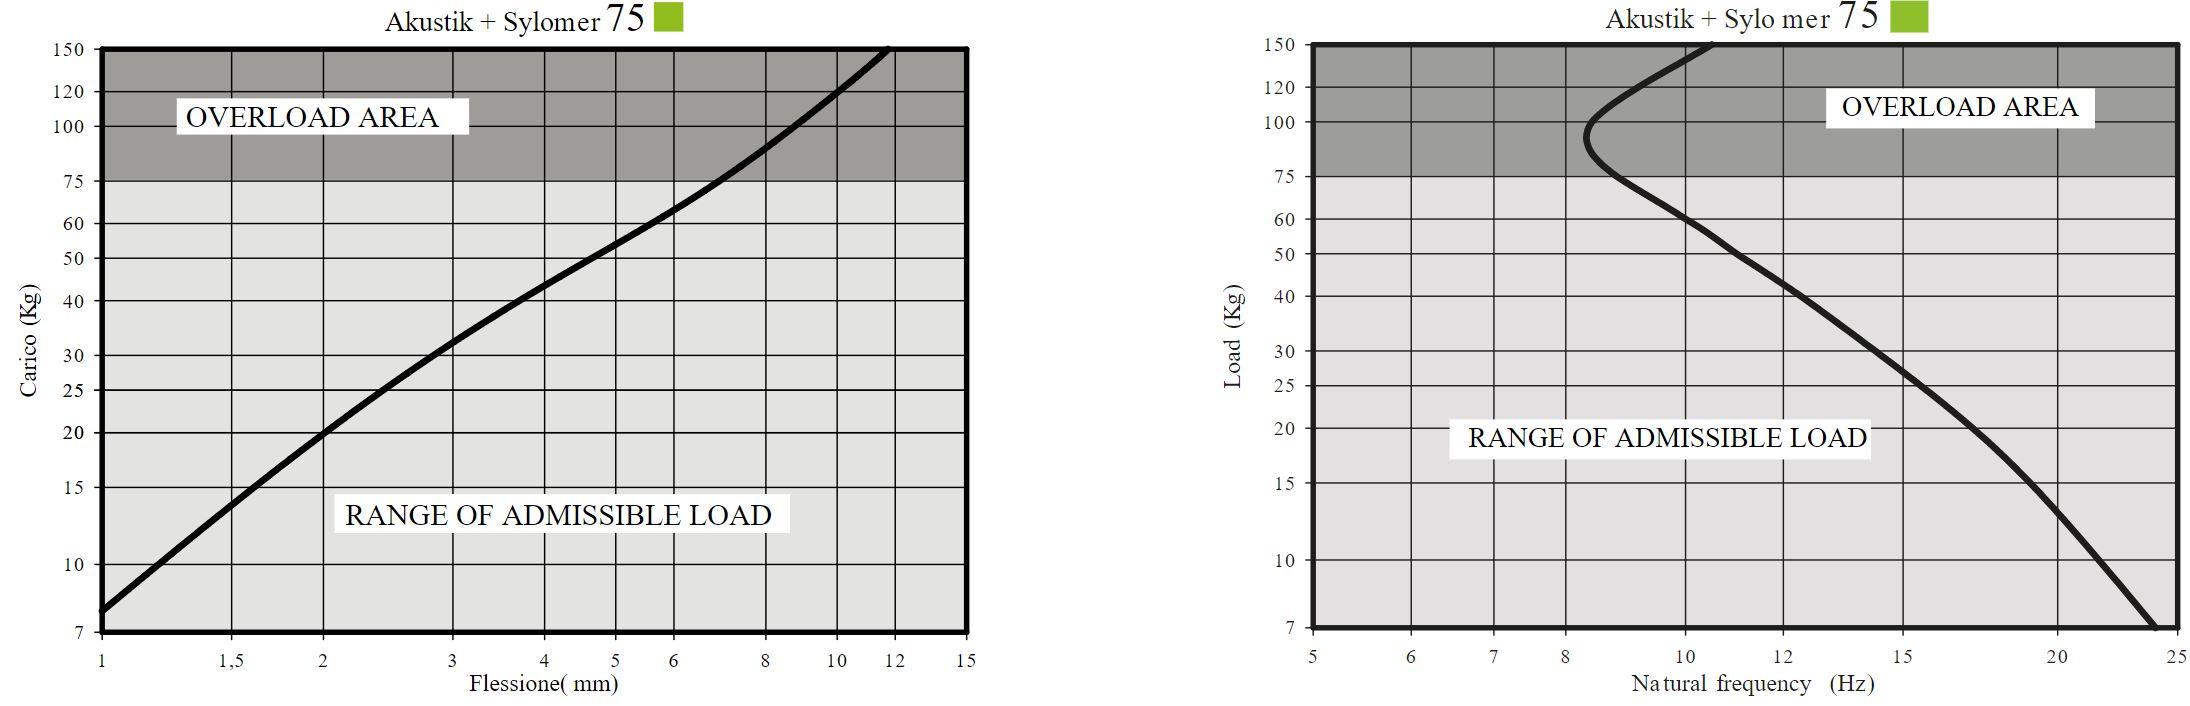 Akustik Saw + Sylomer Curve 2